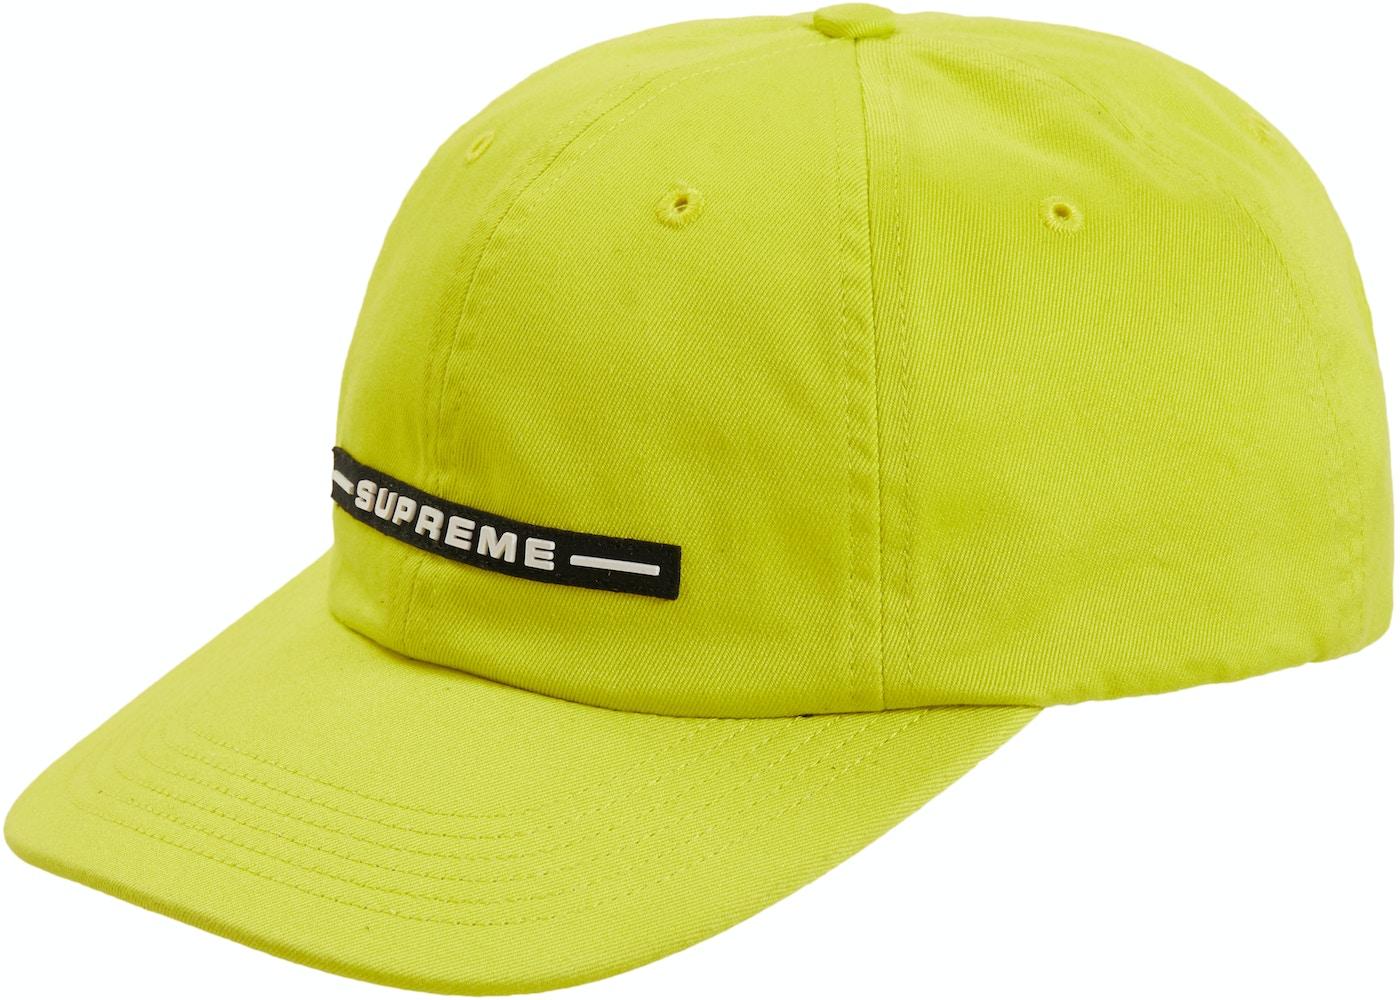 092225000a4 Supreme Headwear - Buy   Sell Streetwear